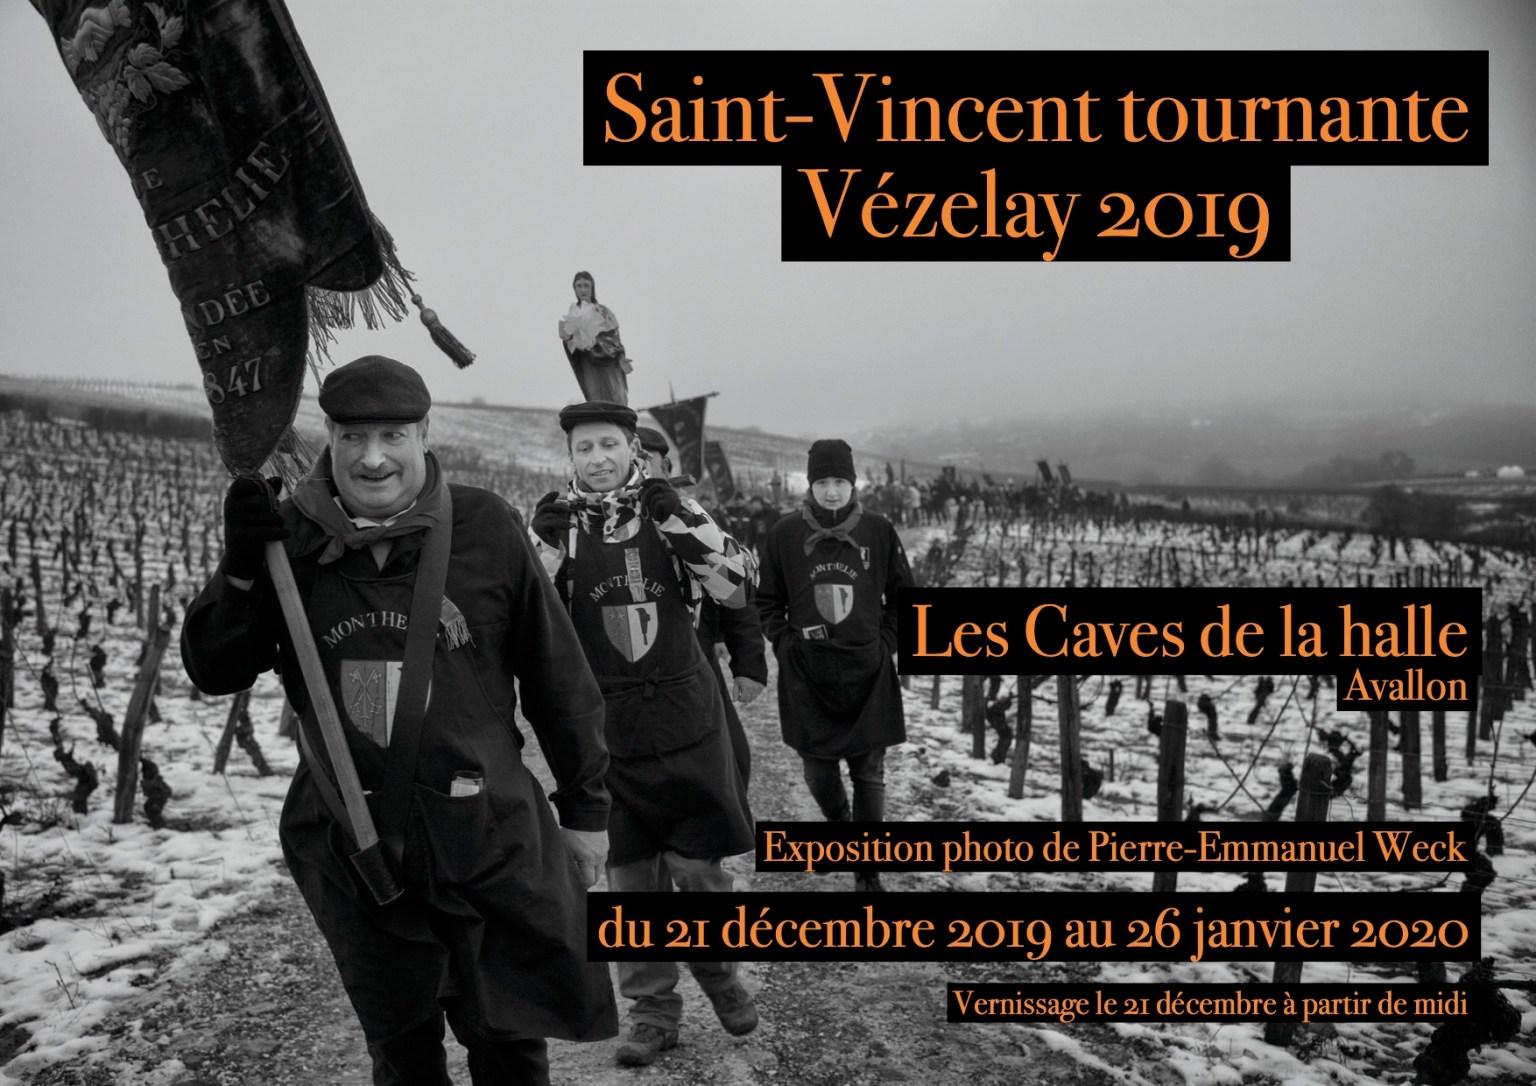 Saint-Vincent tournante – Vézelay 2019